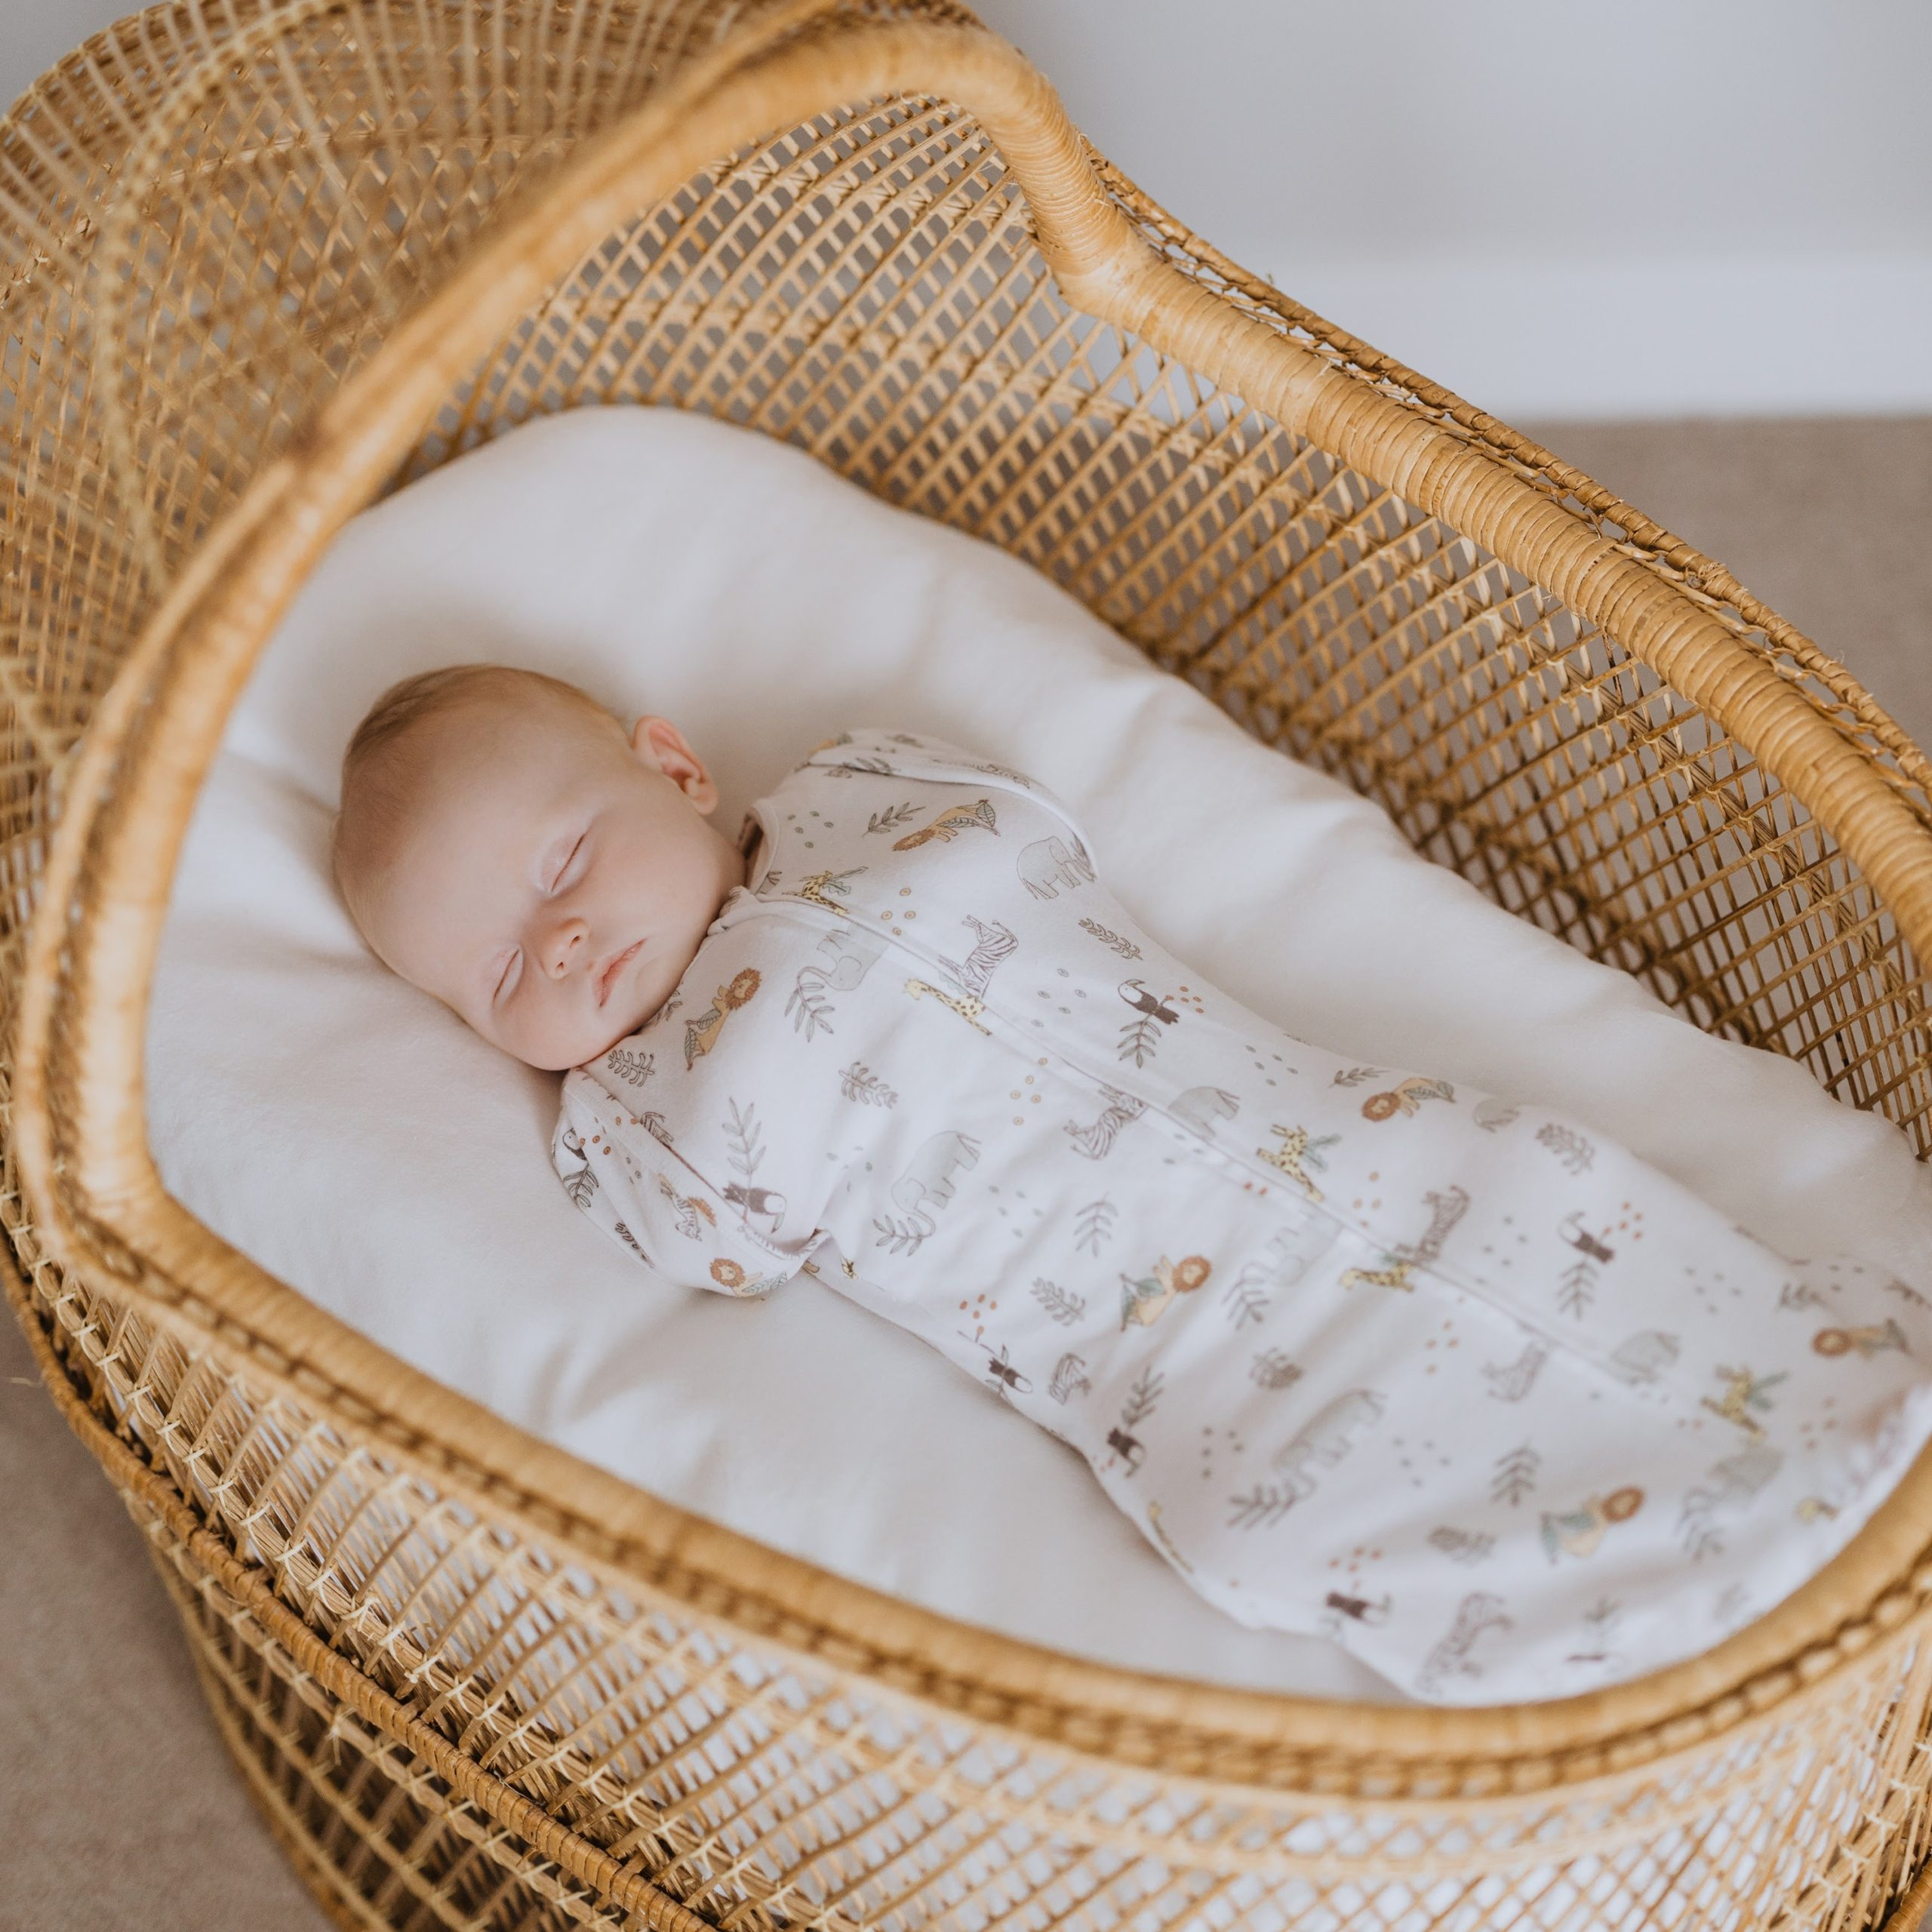 エイデンアンドアネイのエッセンシャルズに新商品。赤ちゃんの快適な睡眠をサポートする2つのスワドル登場